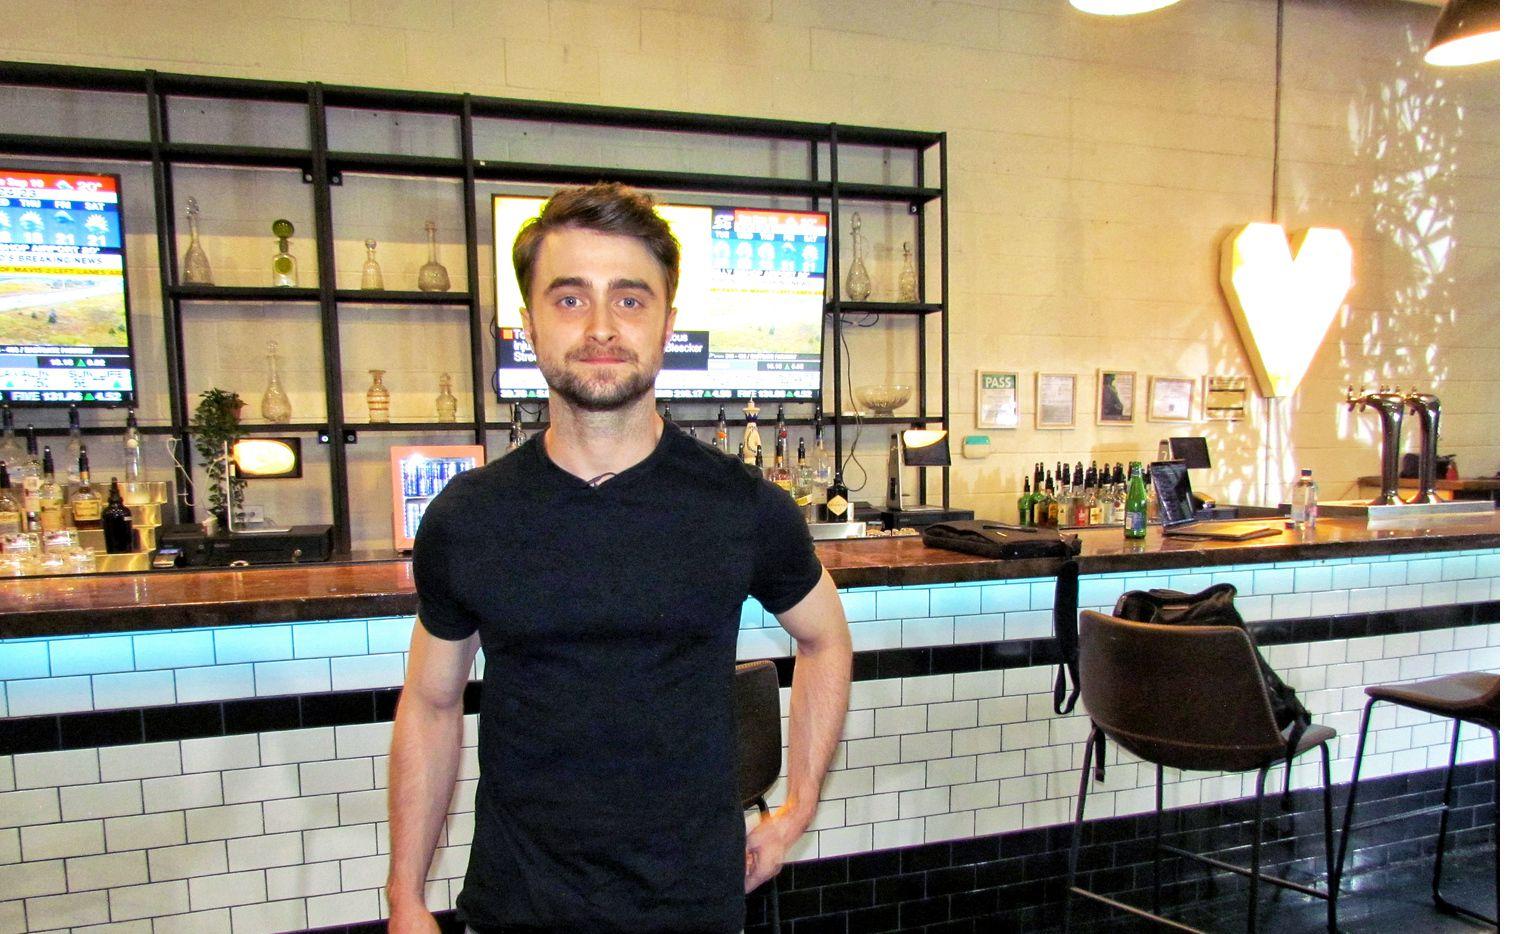 Aunque es figura de primer orden en las redes sociales, Daniel Radcliffe se mantiene firme en su decisión de ser 100 por ciento privado.